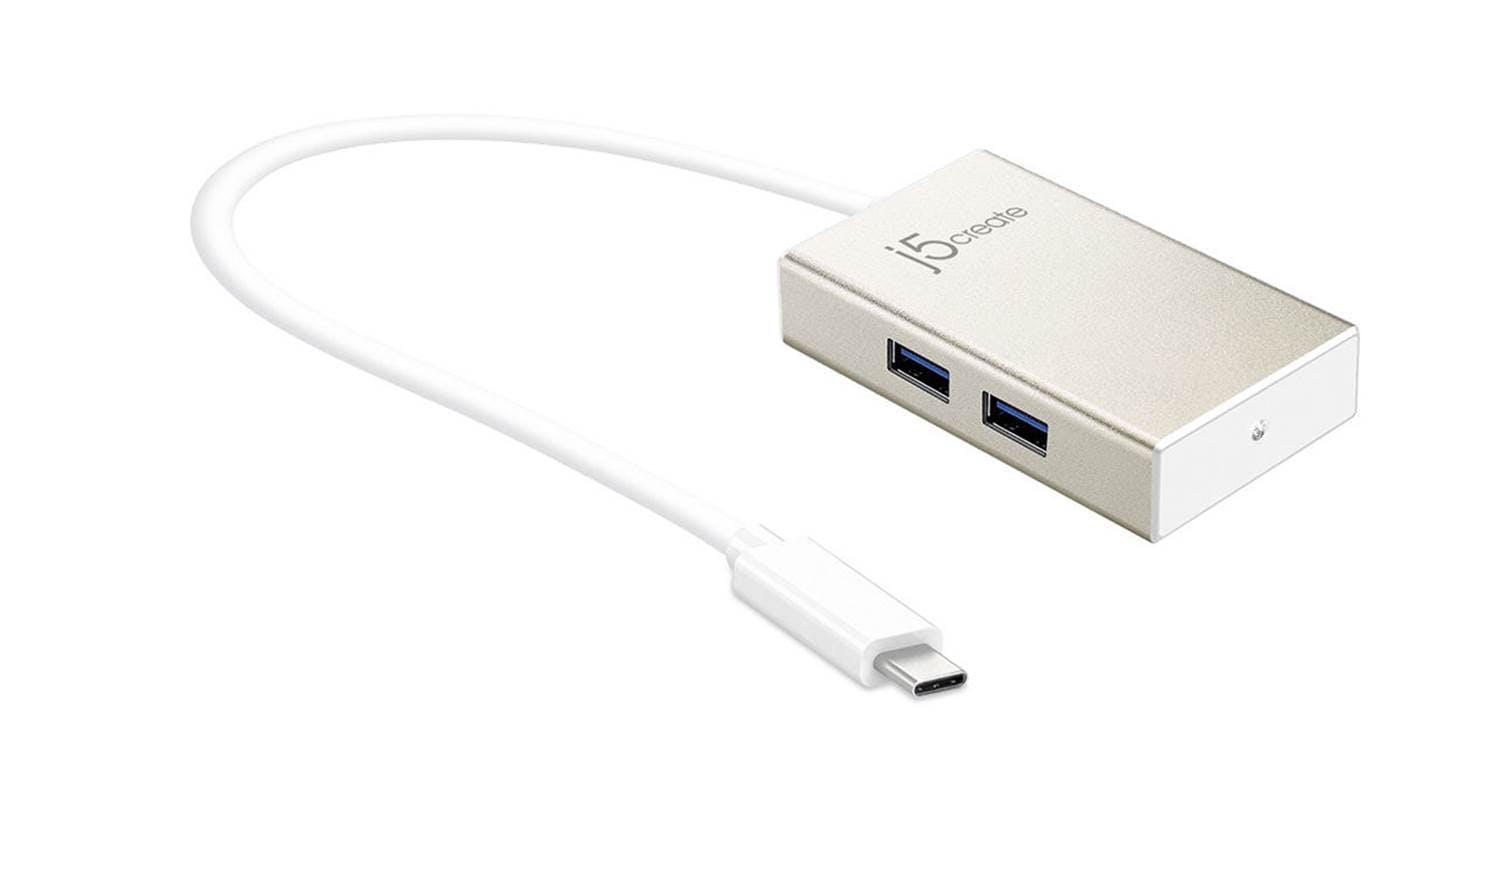 J5 Create USB Type-C 4-Port Hub